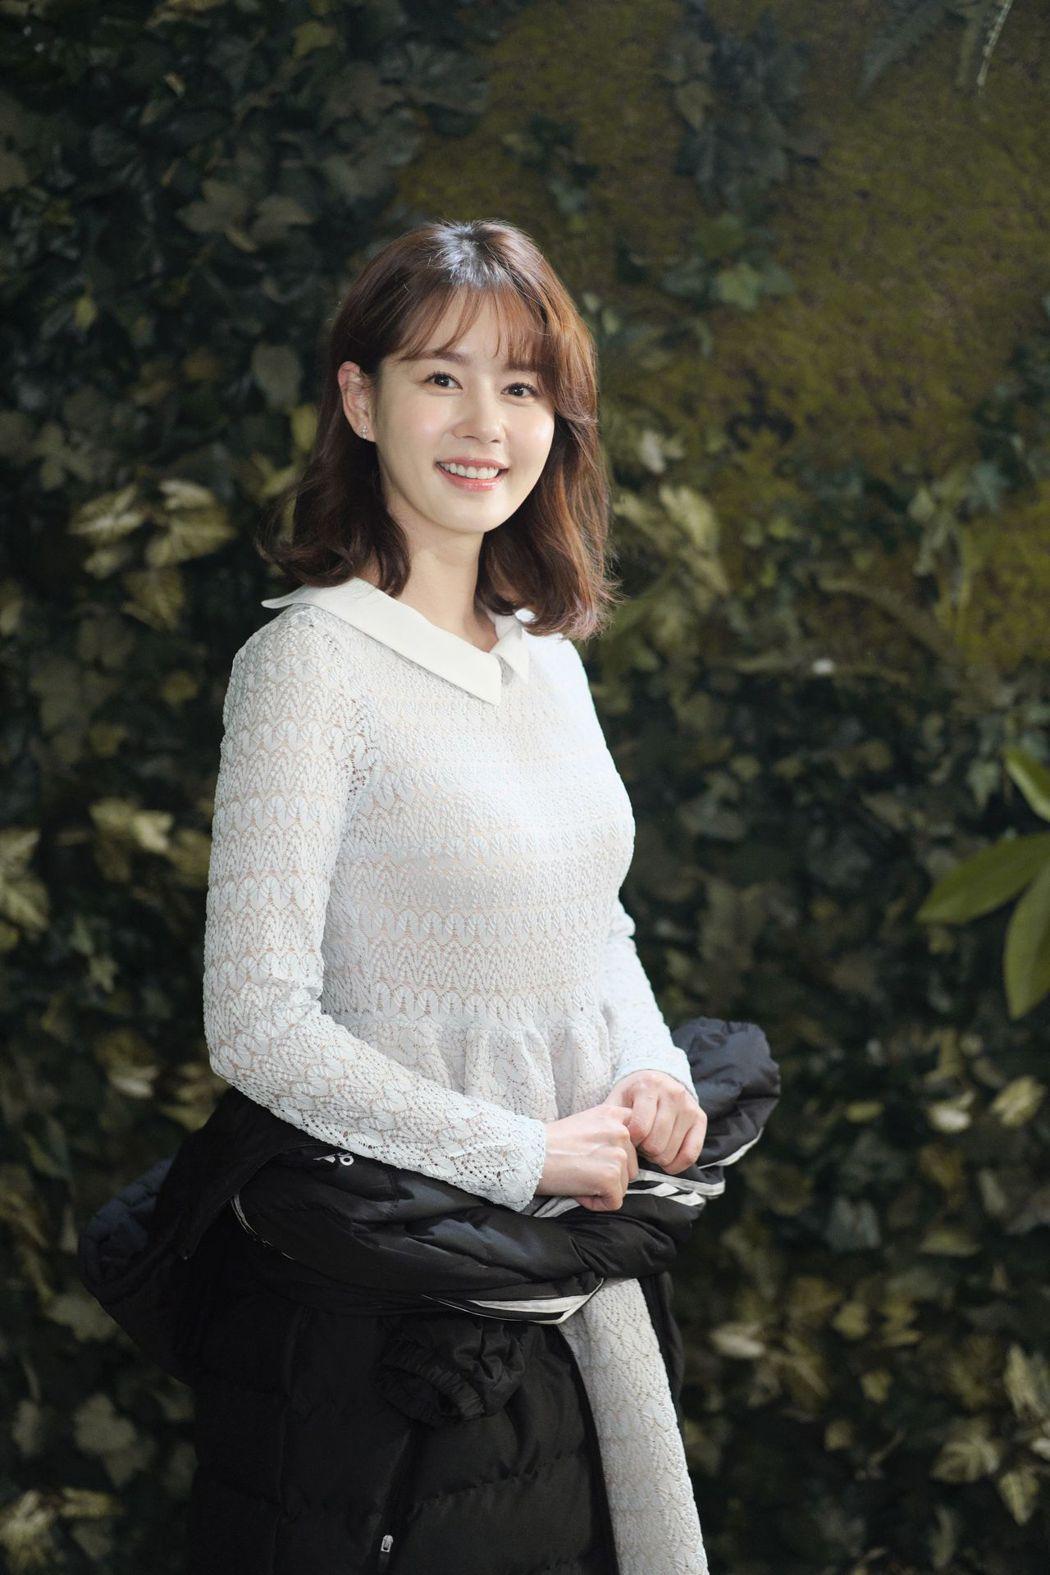 金珠賢在「富家公子」中飾演女主角金英荷。圖/中天提供